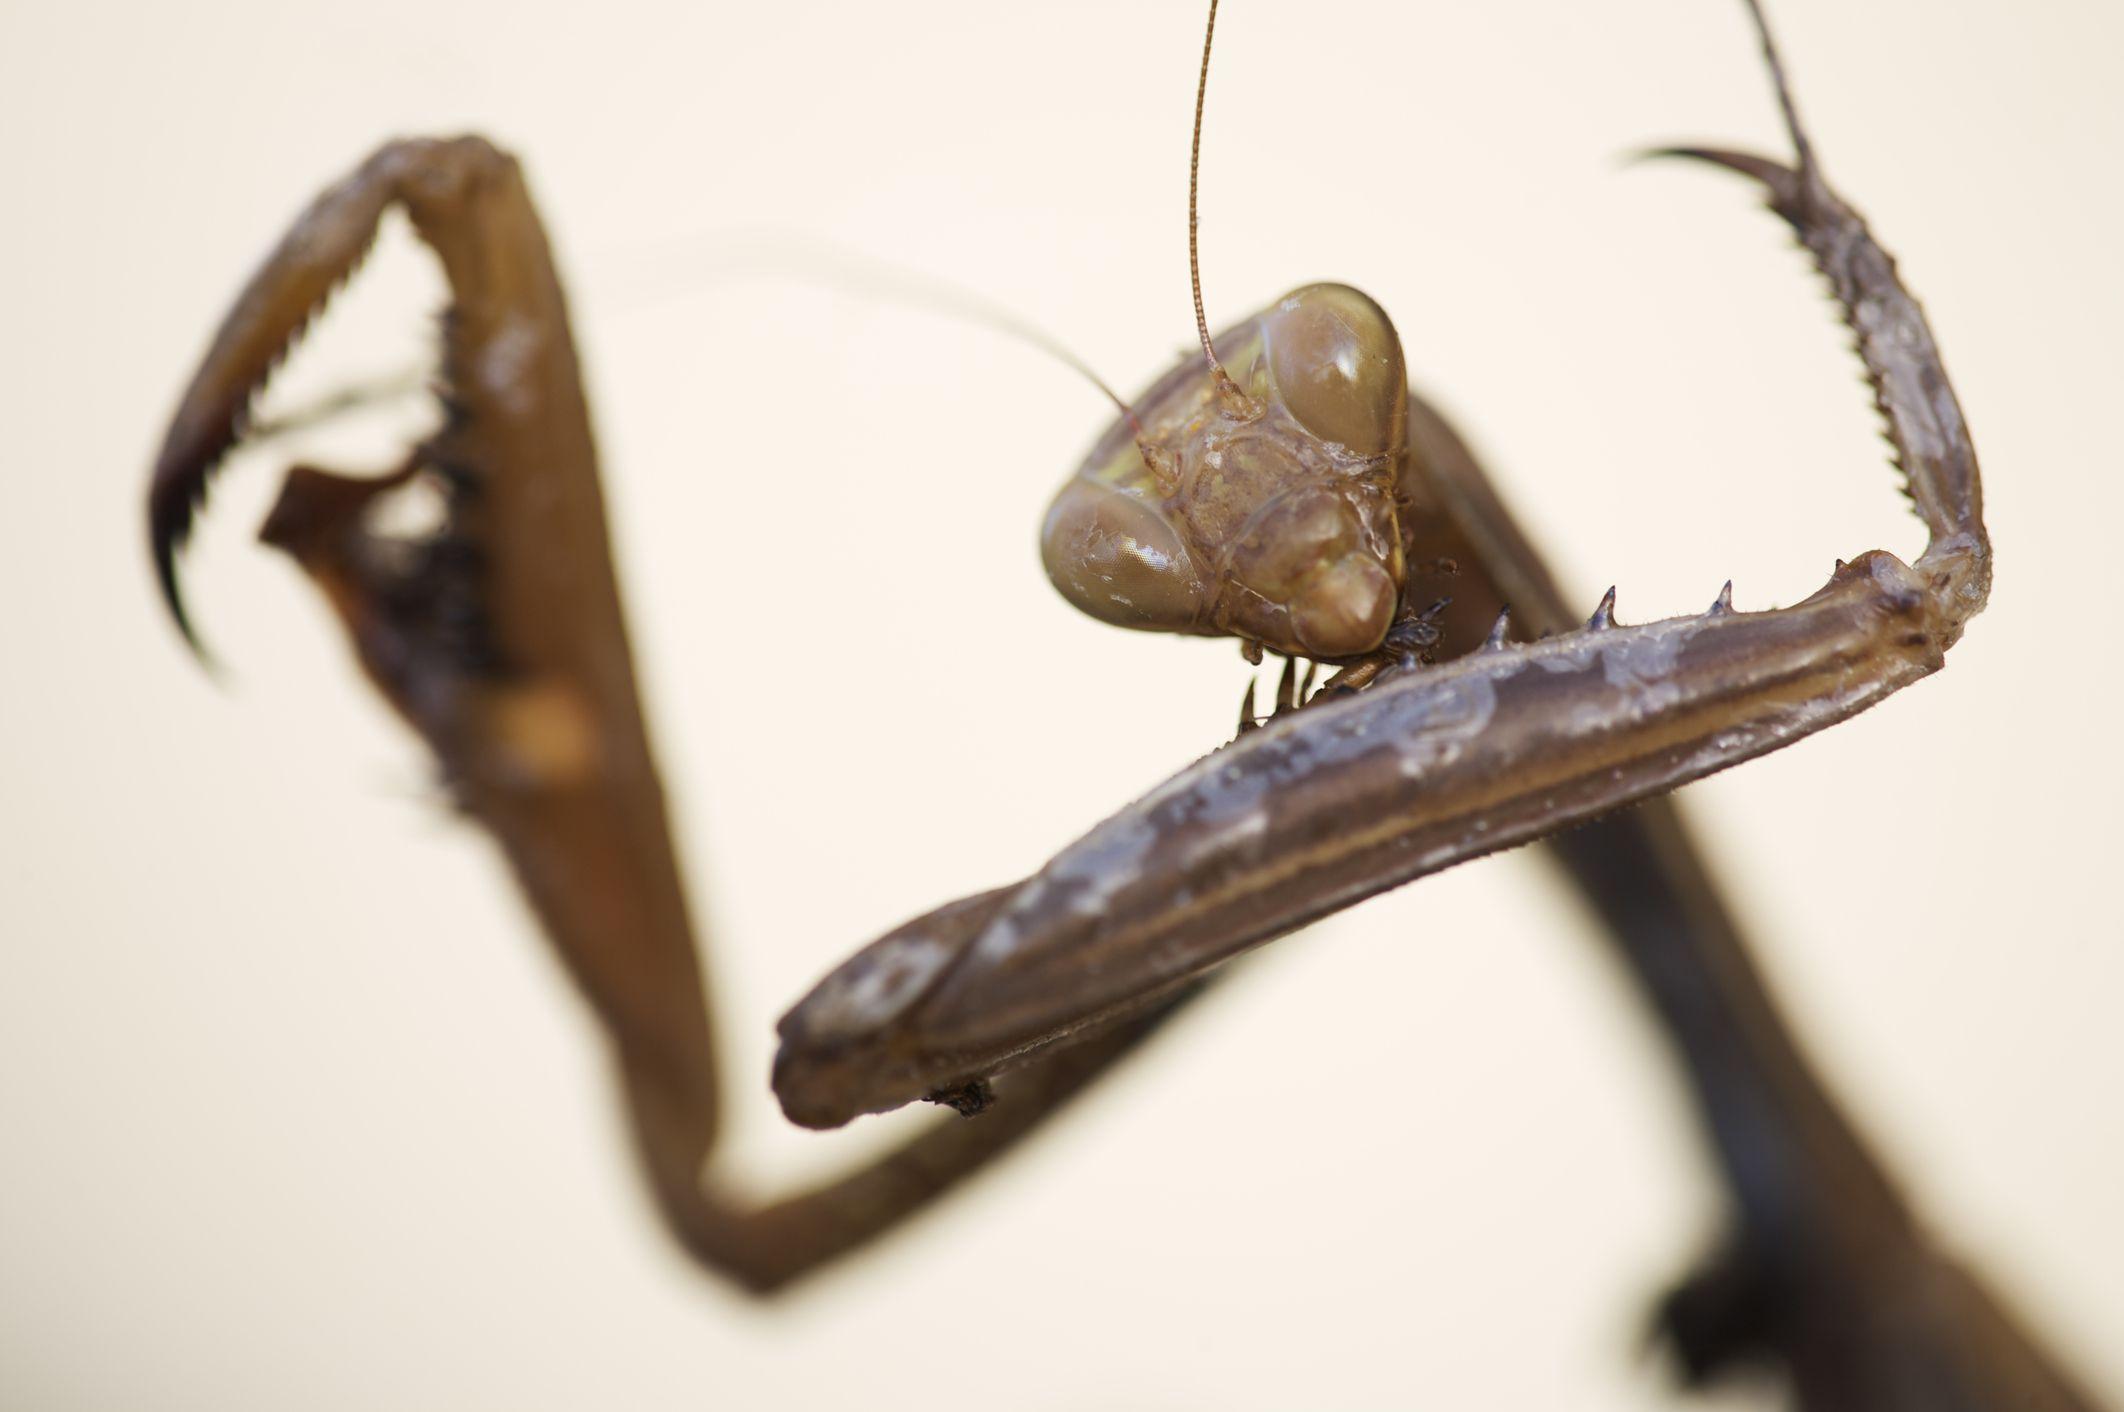 Close-up of a female European praying mantis (<i>Mantis religiosa</i>)